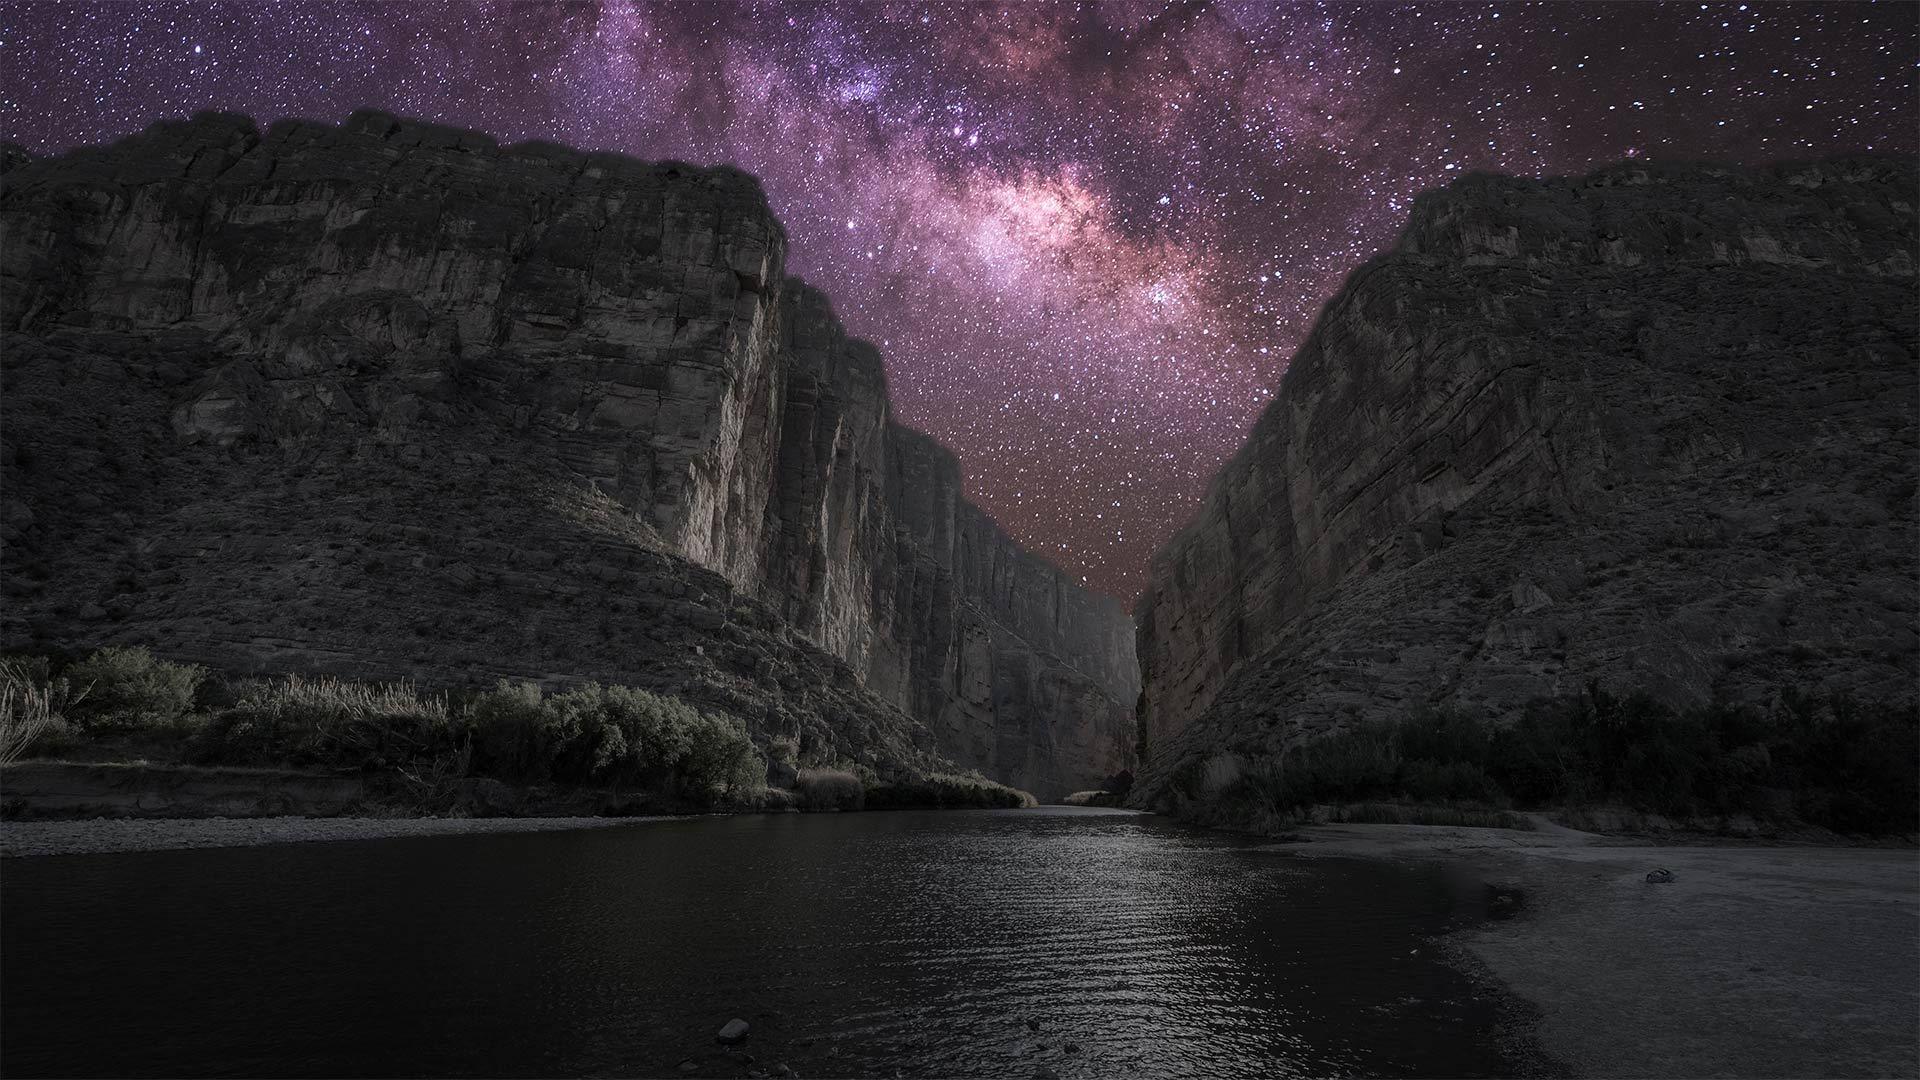 银河下的圣埃伦娜峡谷圣埃伦娜峡谷